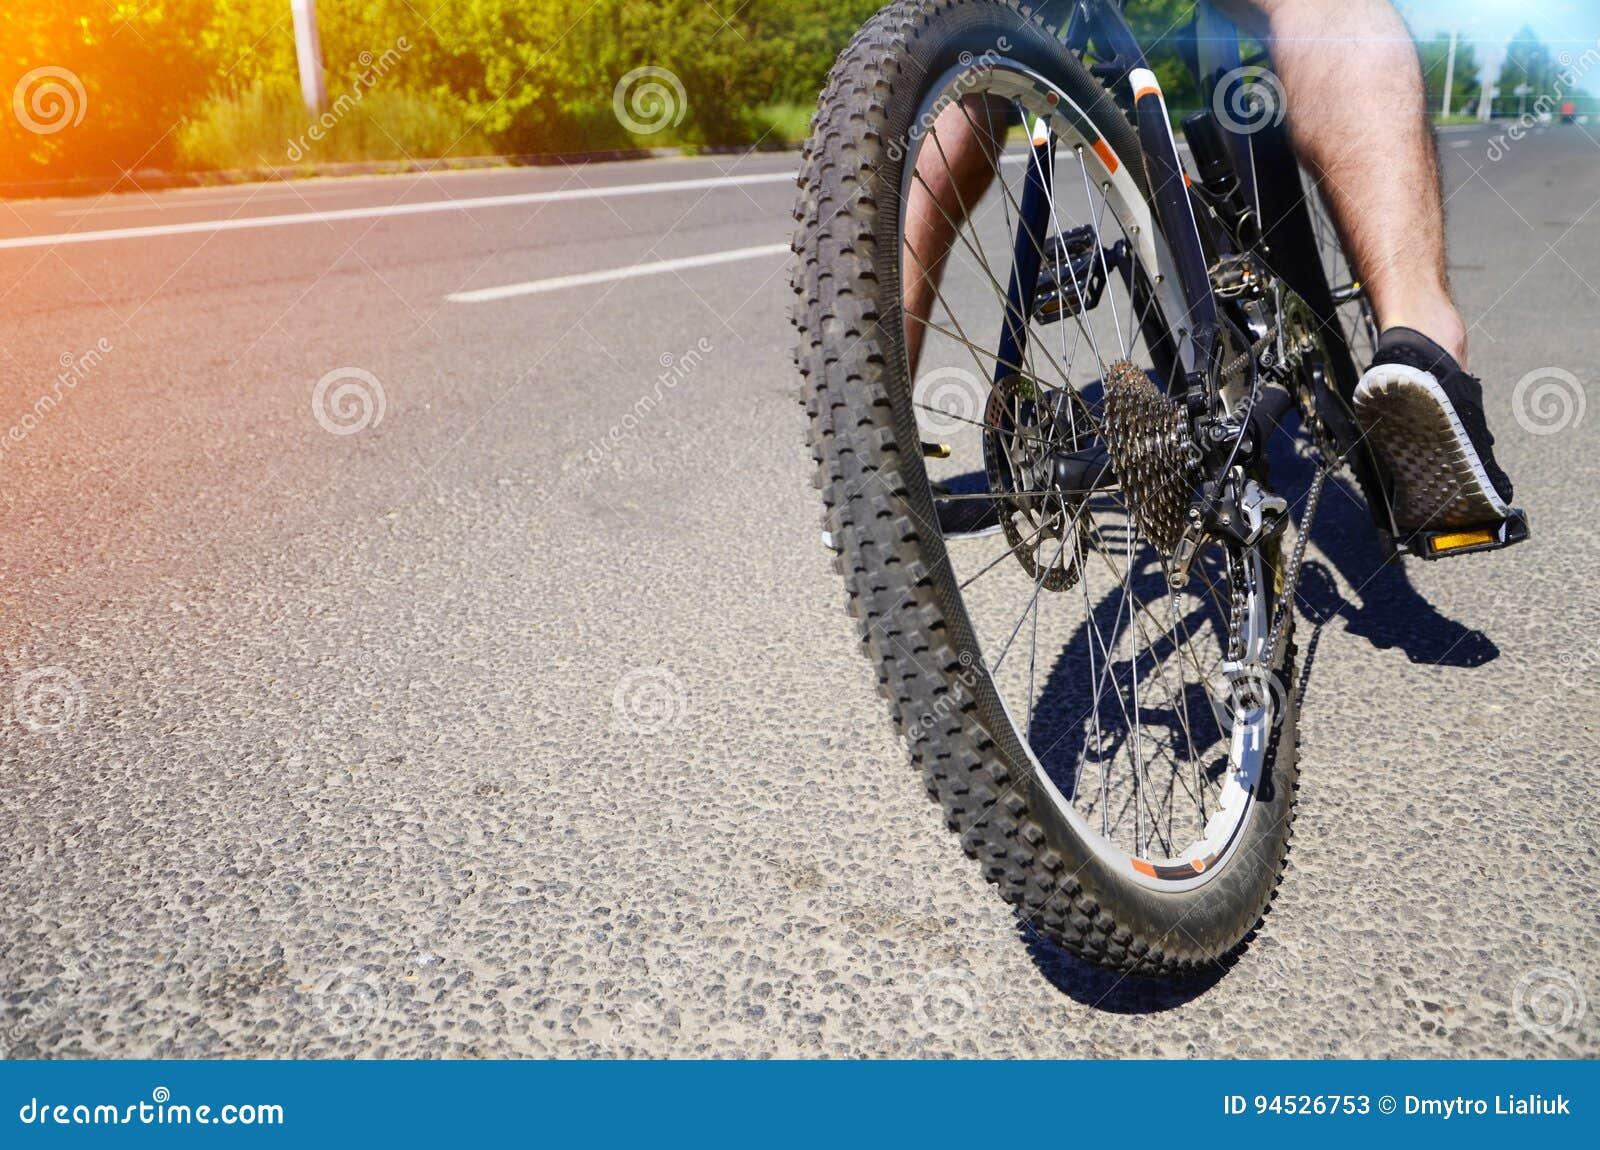 Πόδι στο πεντάλι του ποδηλάτου